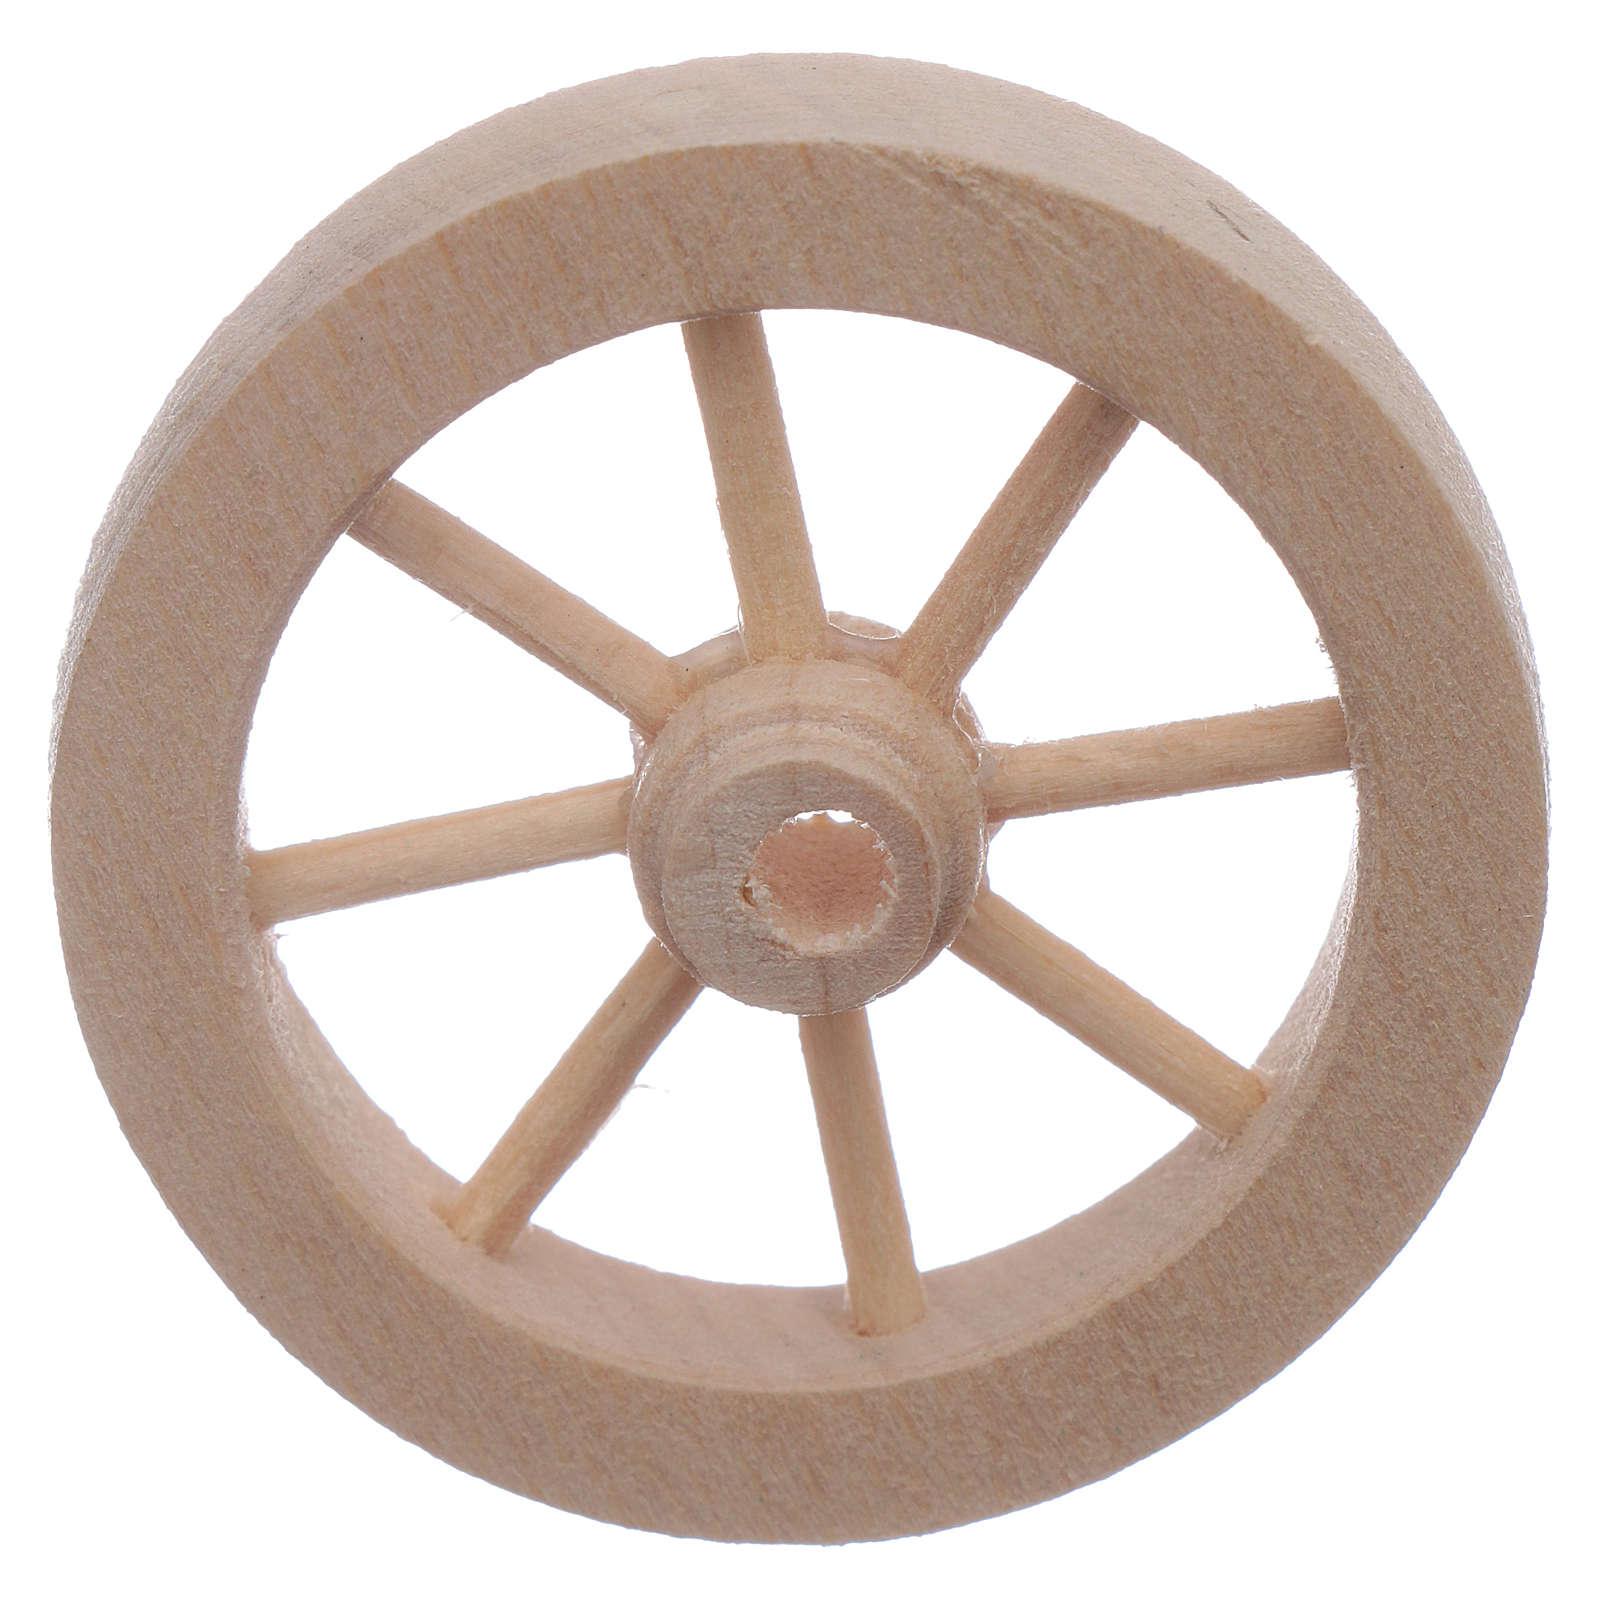 Ruota carro in legno presepe diam. 4 cm 4